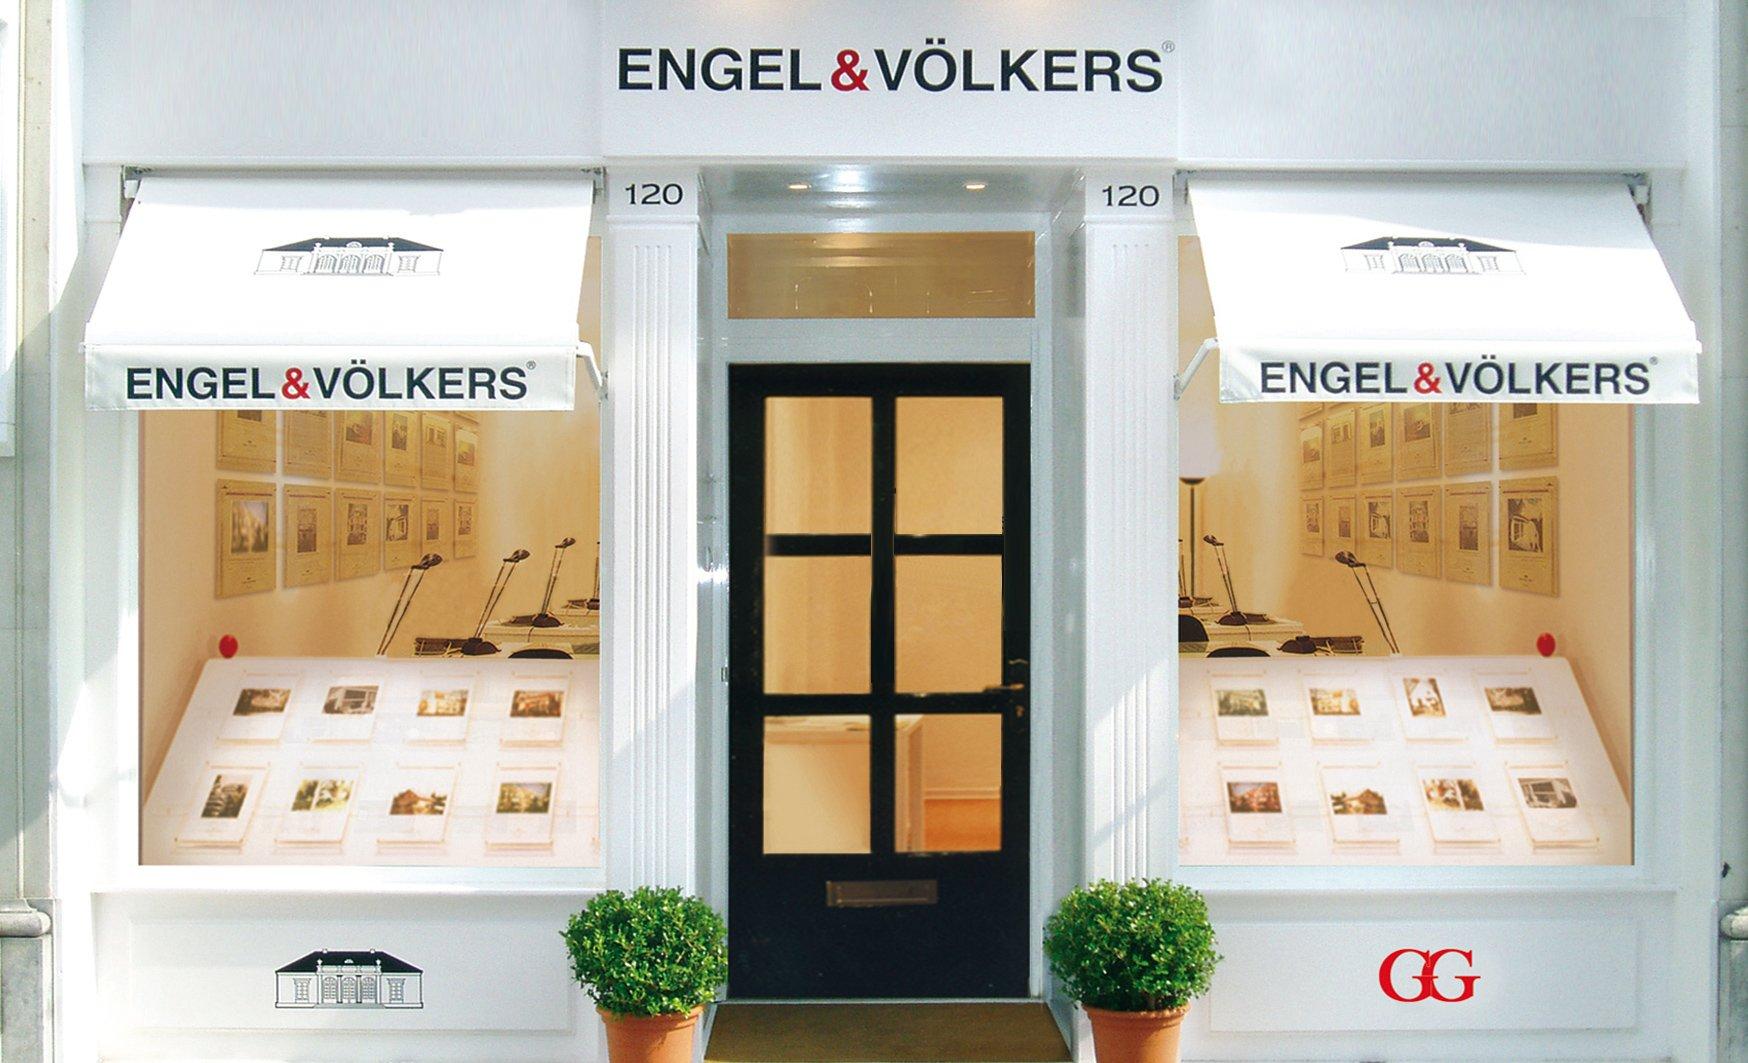 Engel & Völkers aumenta su negocio de residencias de lujo en España